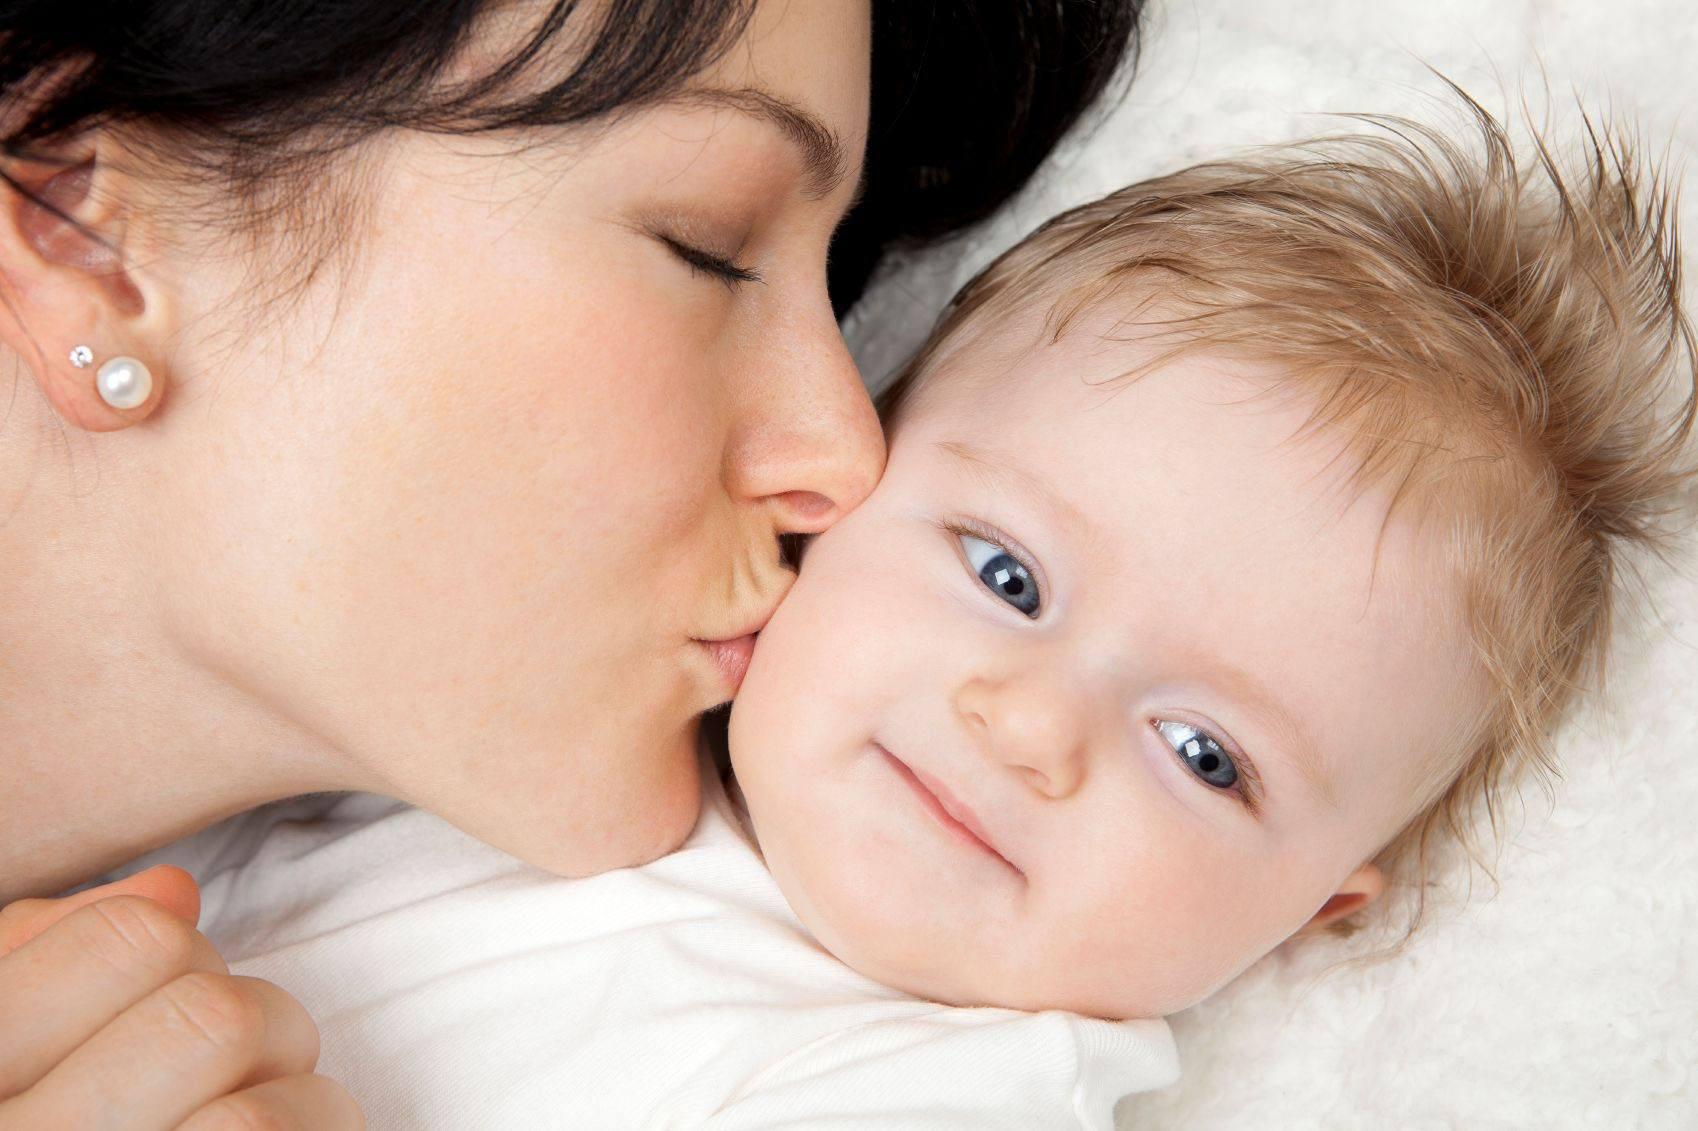 bệnh sùi mào gà lây truyền từ mẹ sang con